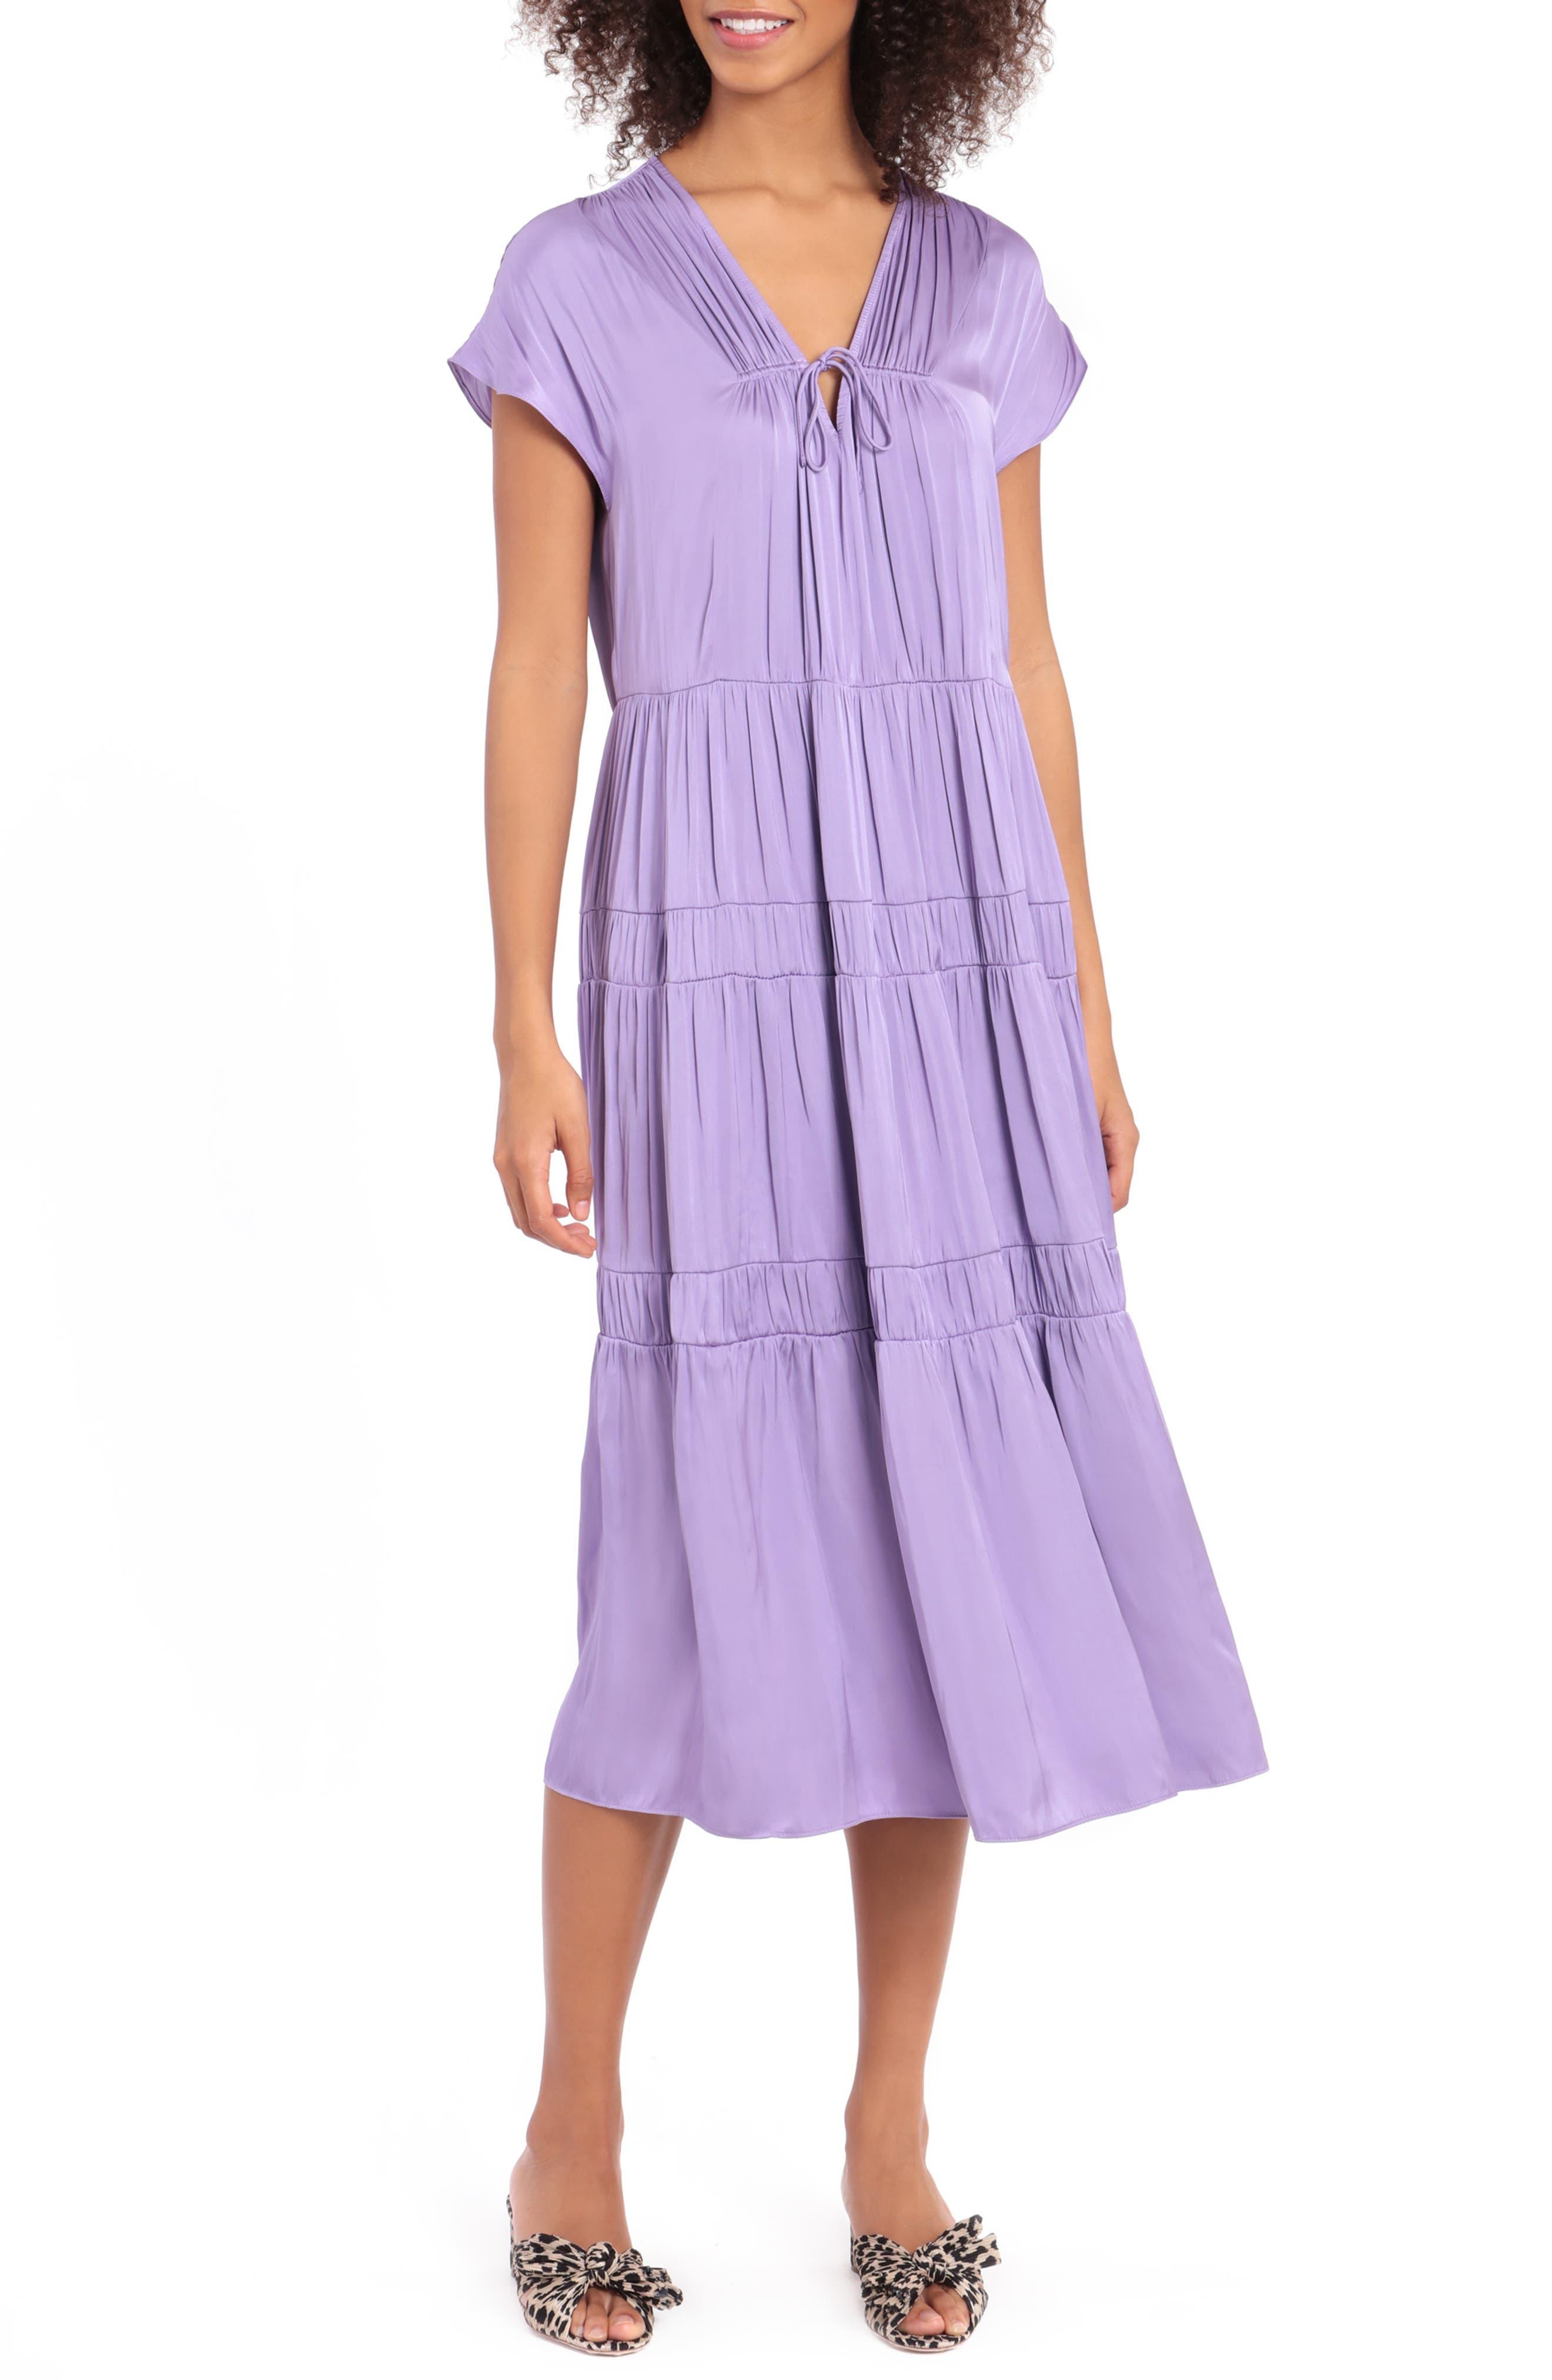 Plush Satin Tiered Midi Dress